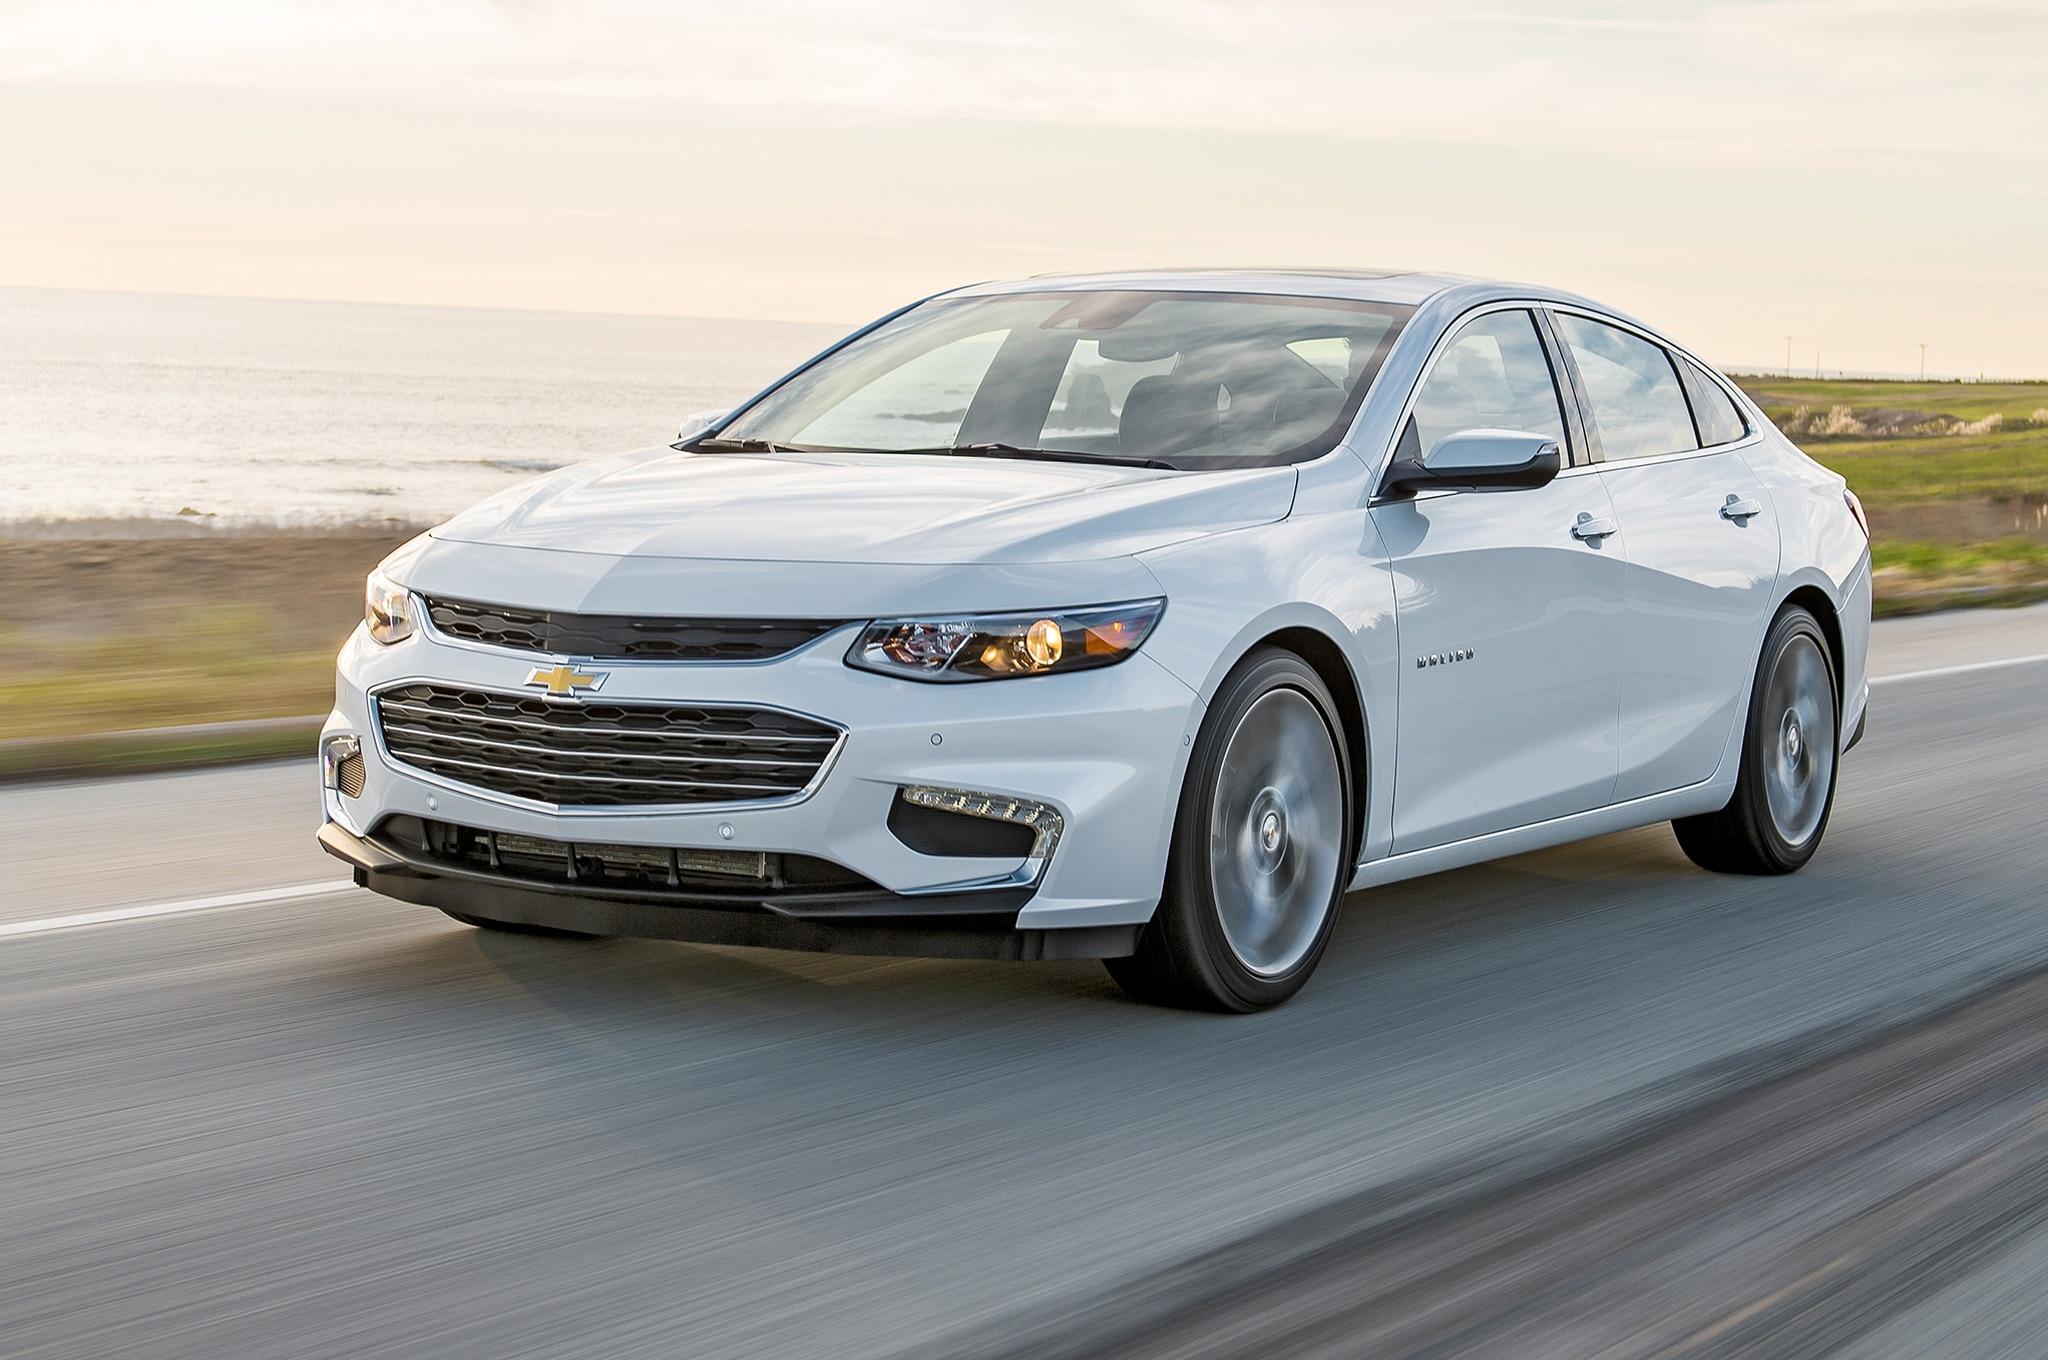 2016 Chevrolet Malibu Hybrid Gets 47 Mpg City Autoblog | 2017 - 2018 ...